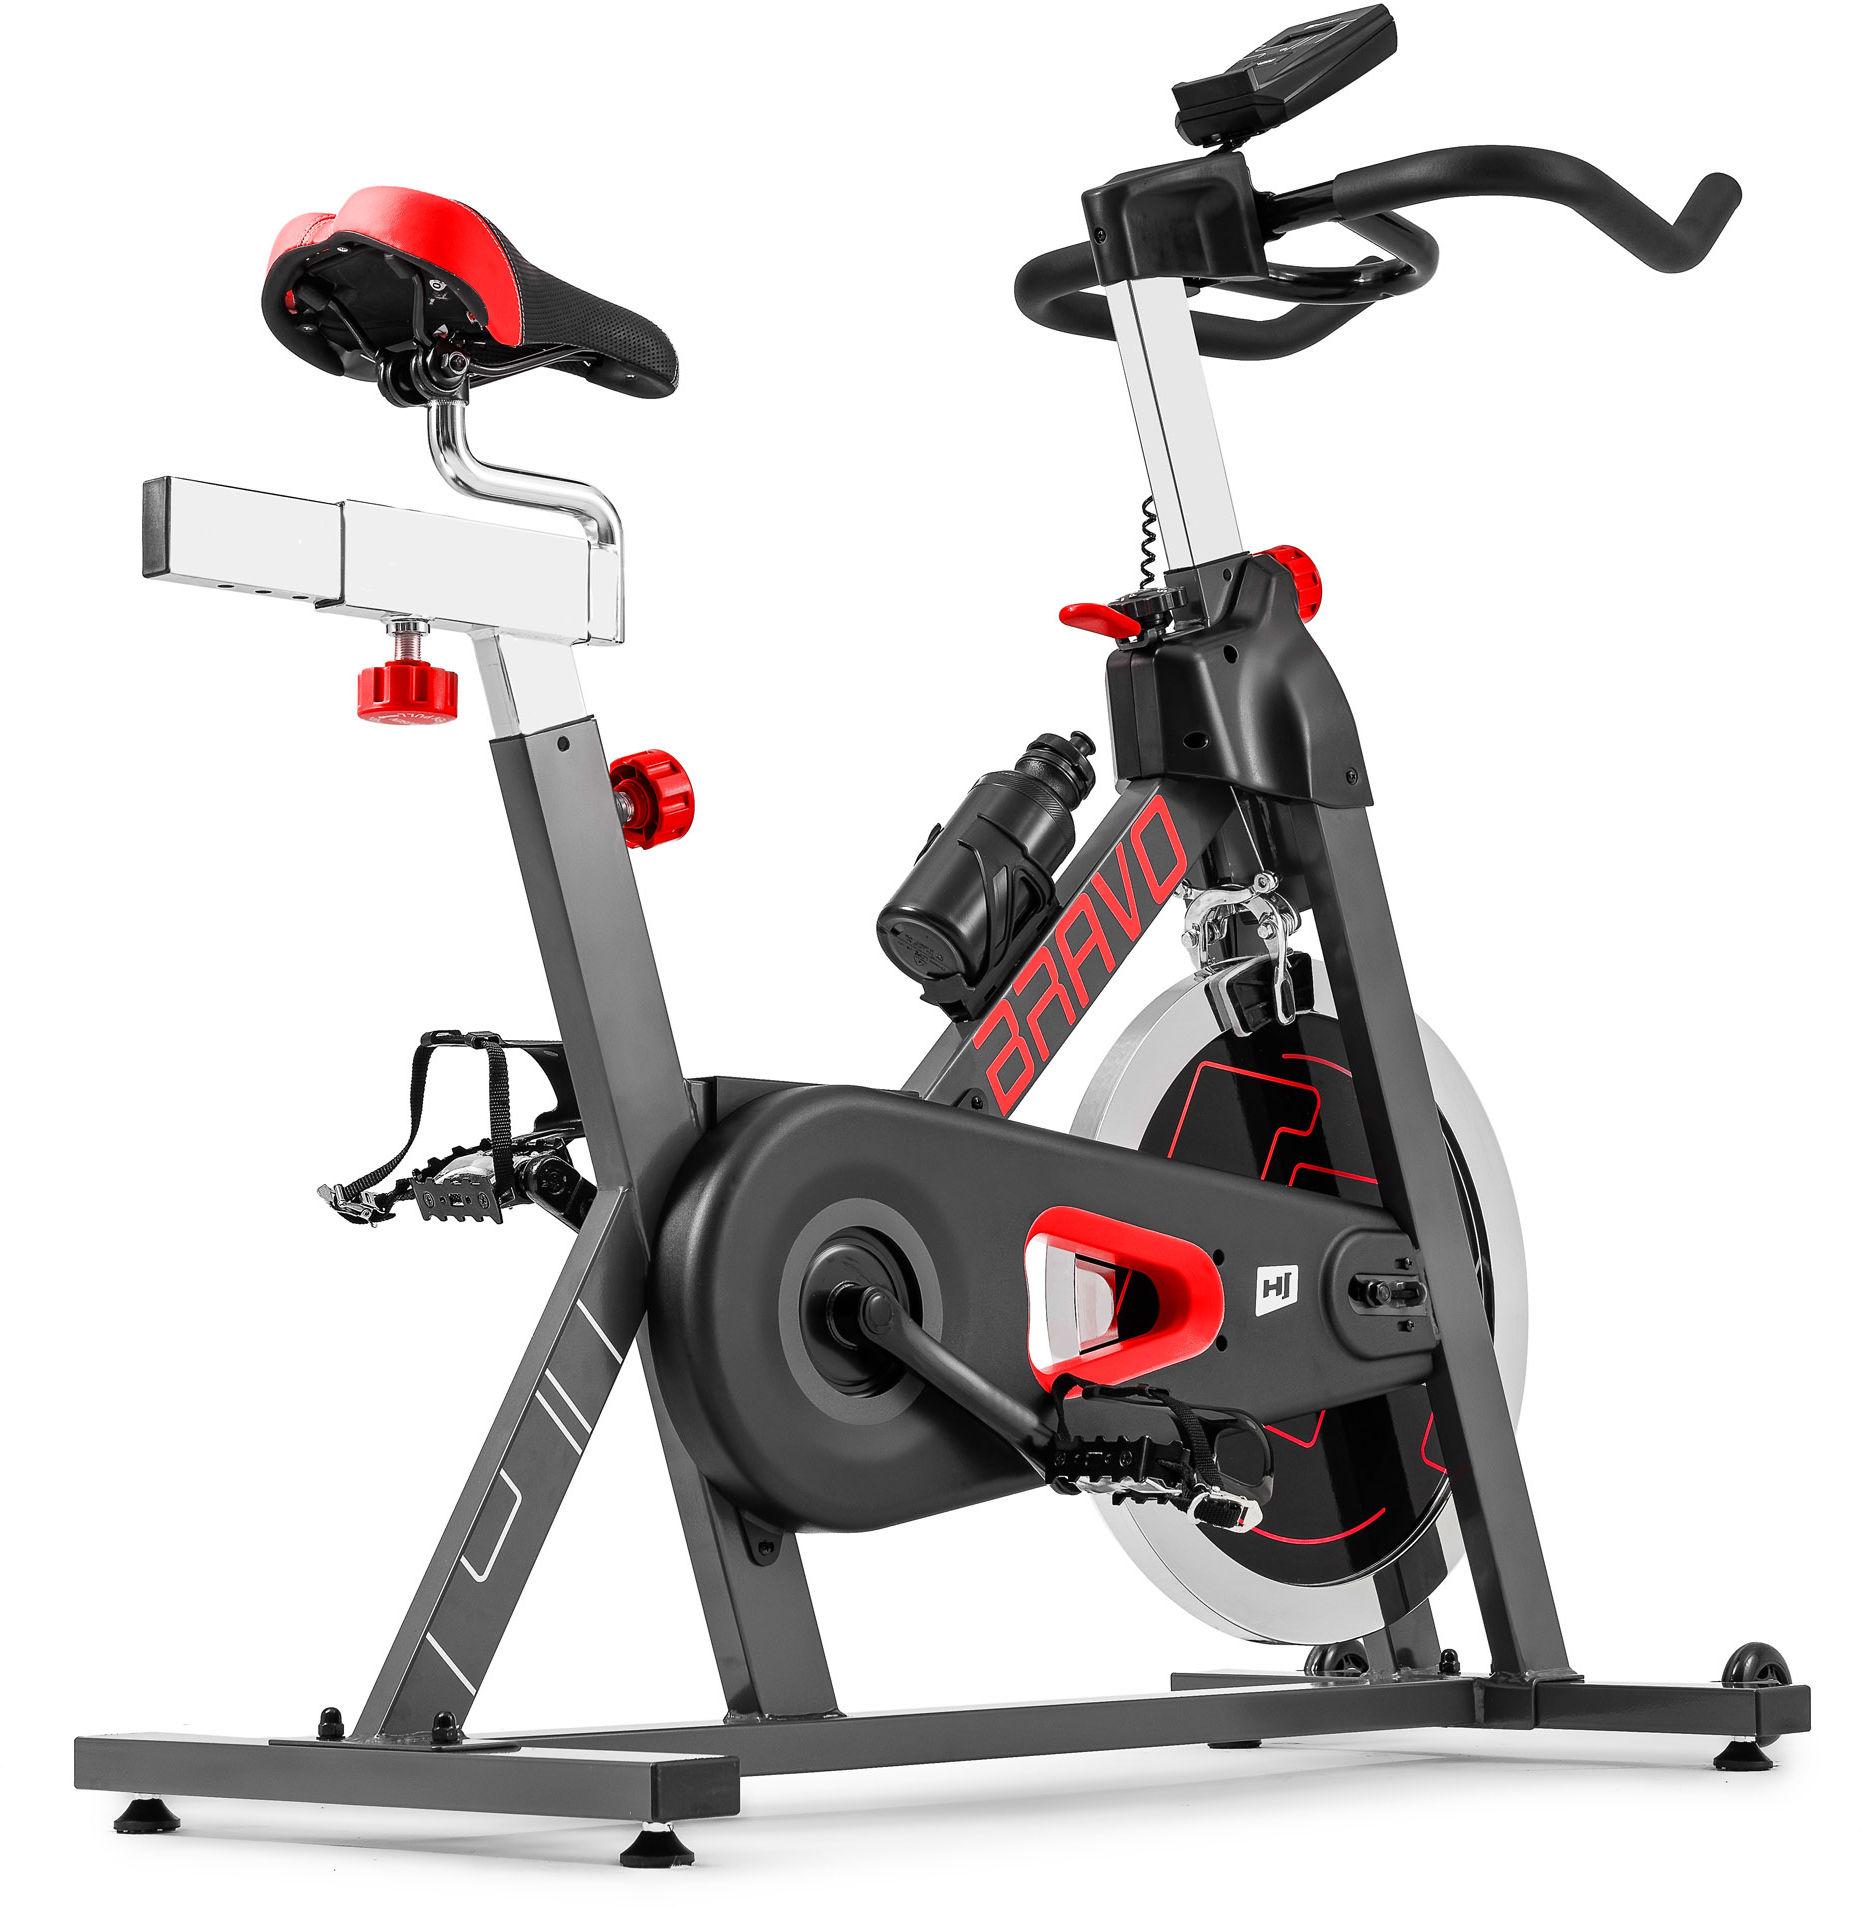 Rower spiningowy Indoor Cycling HS-045IC Bravo czerwony